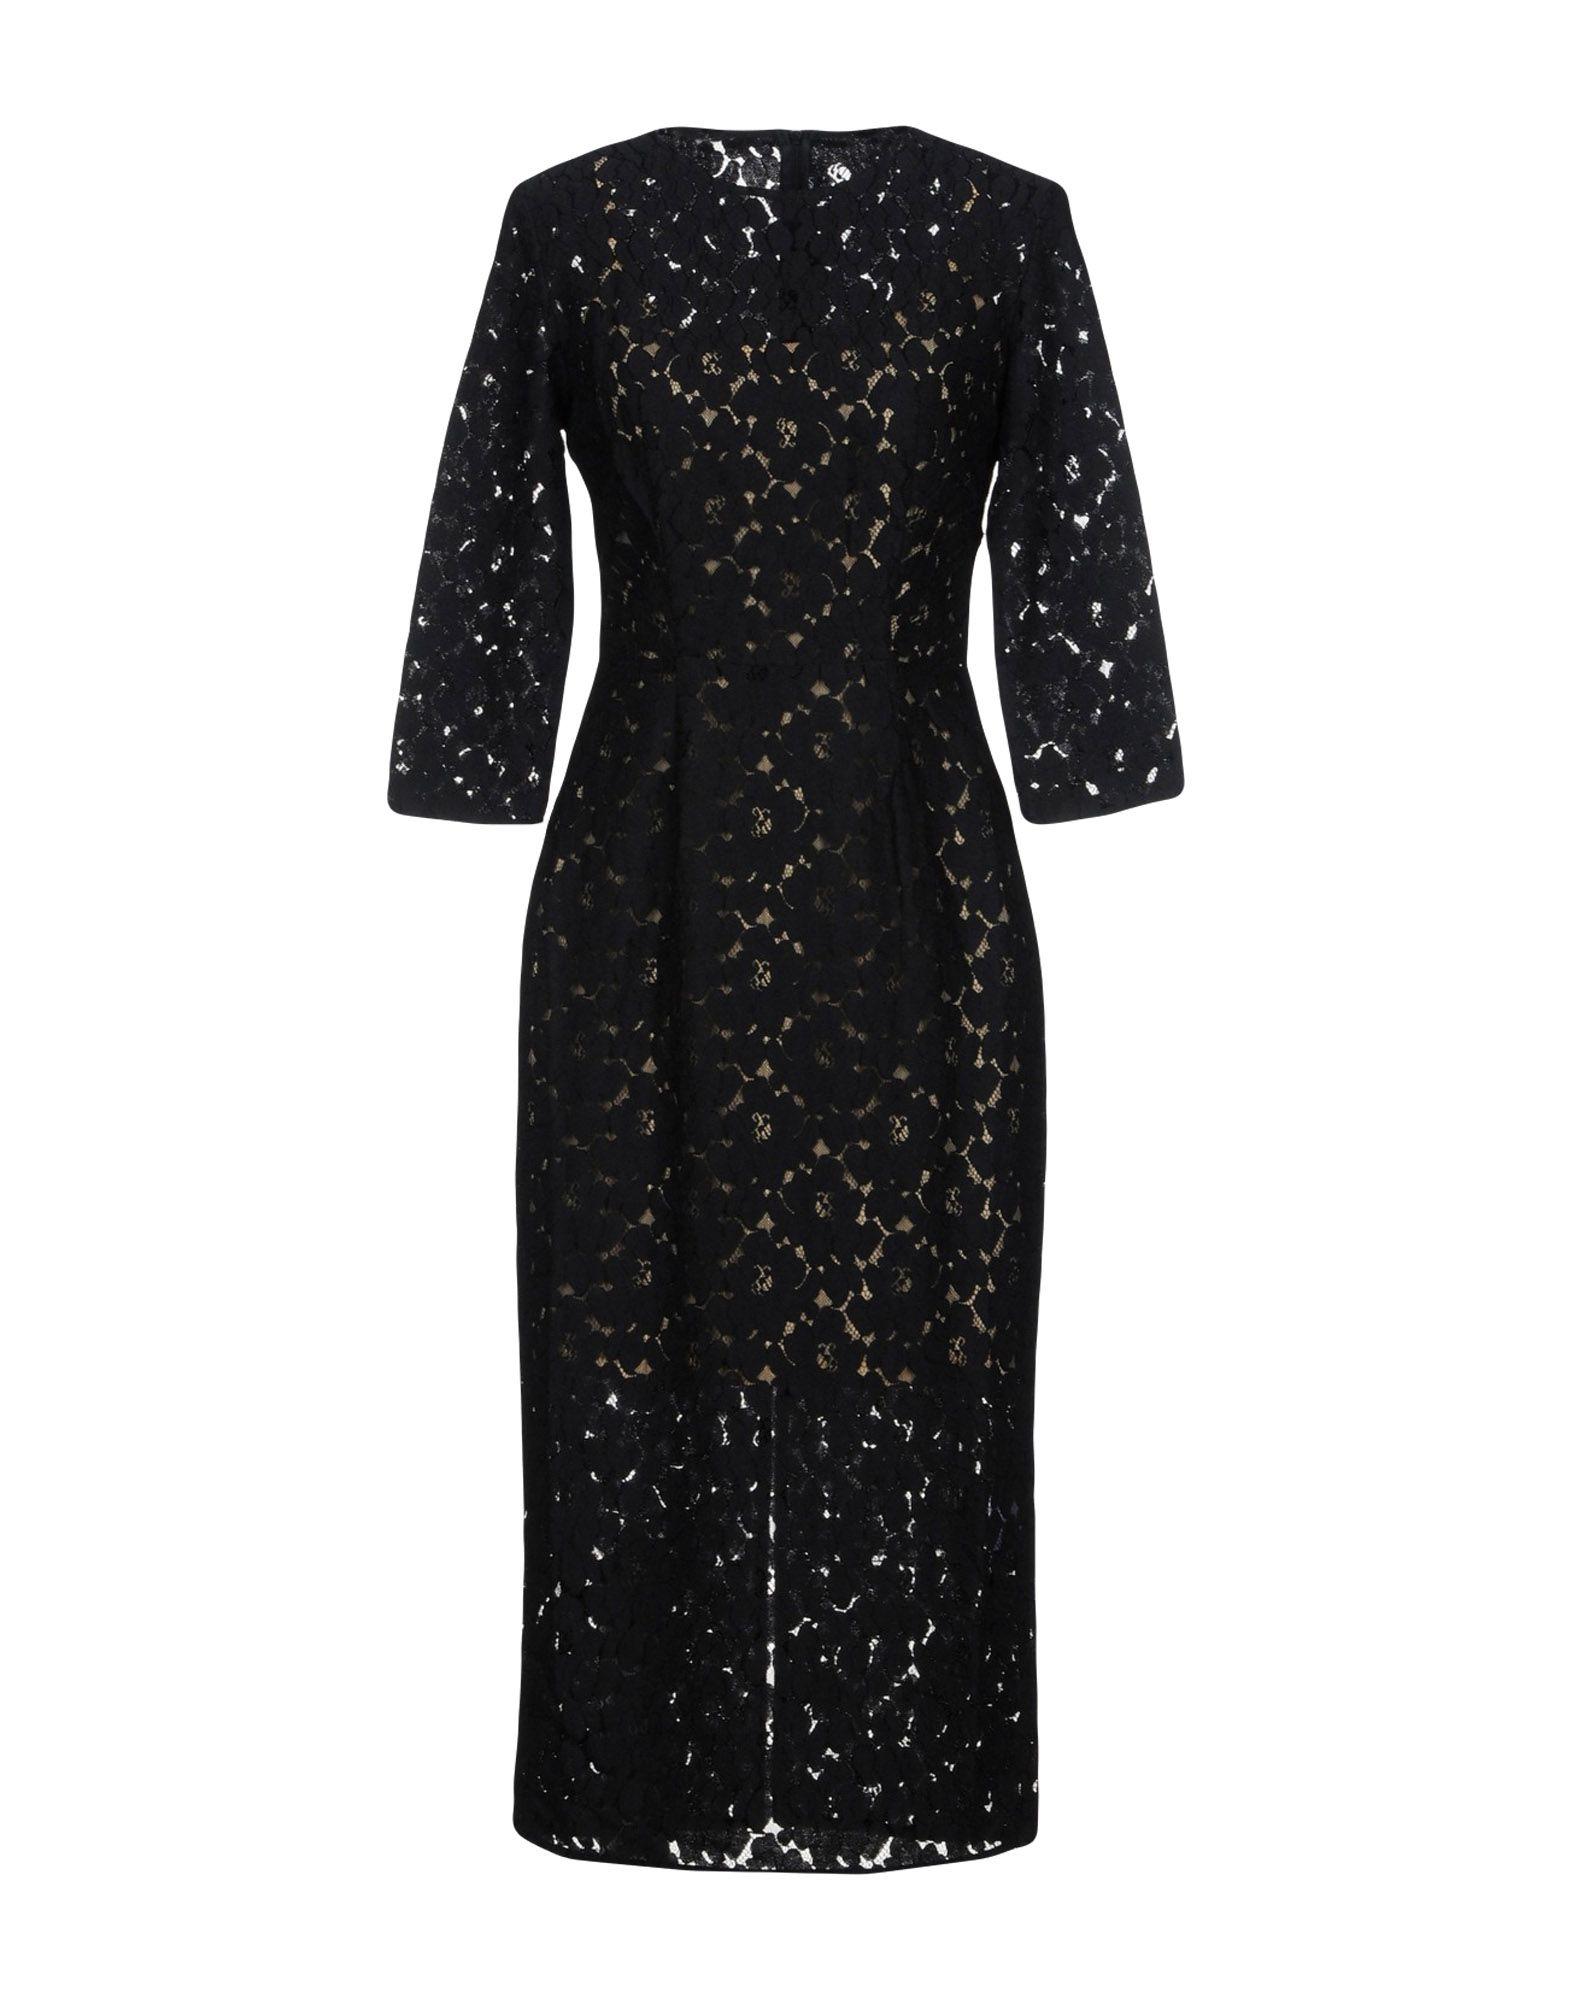 ISABEL GARCIA Платье длиной 3/4 lisa corti платье длиной 3 4